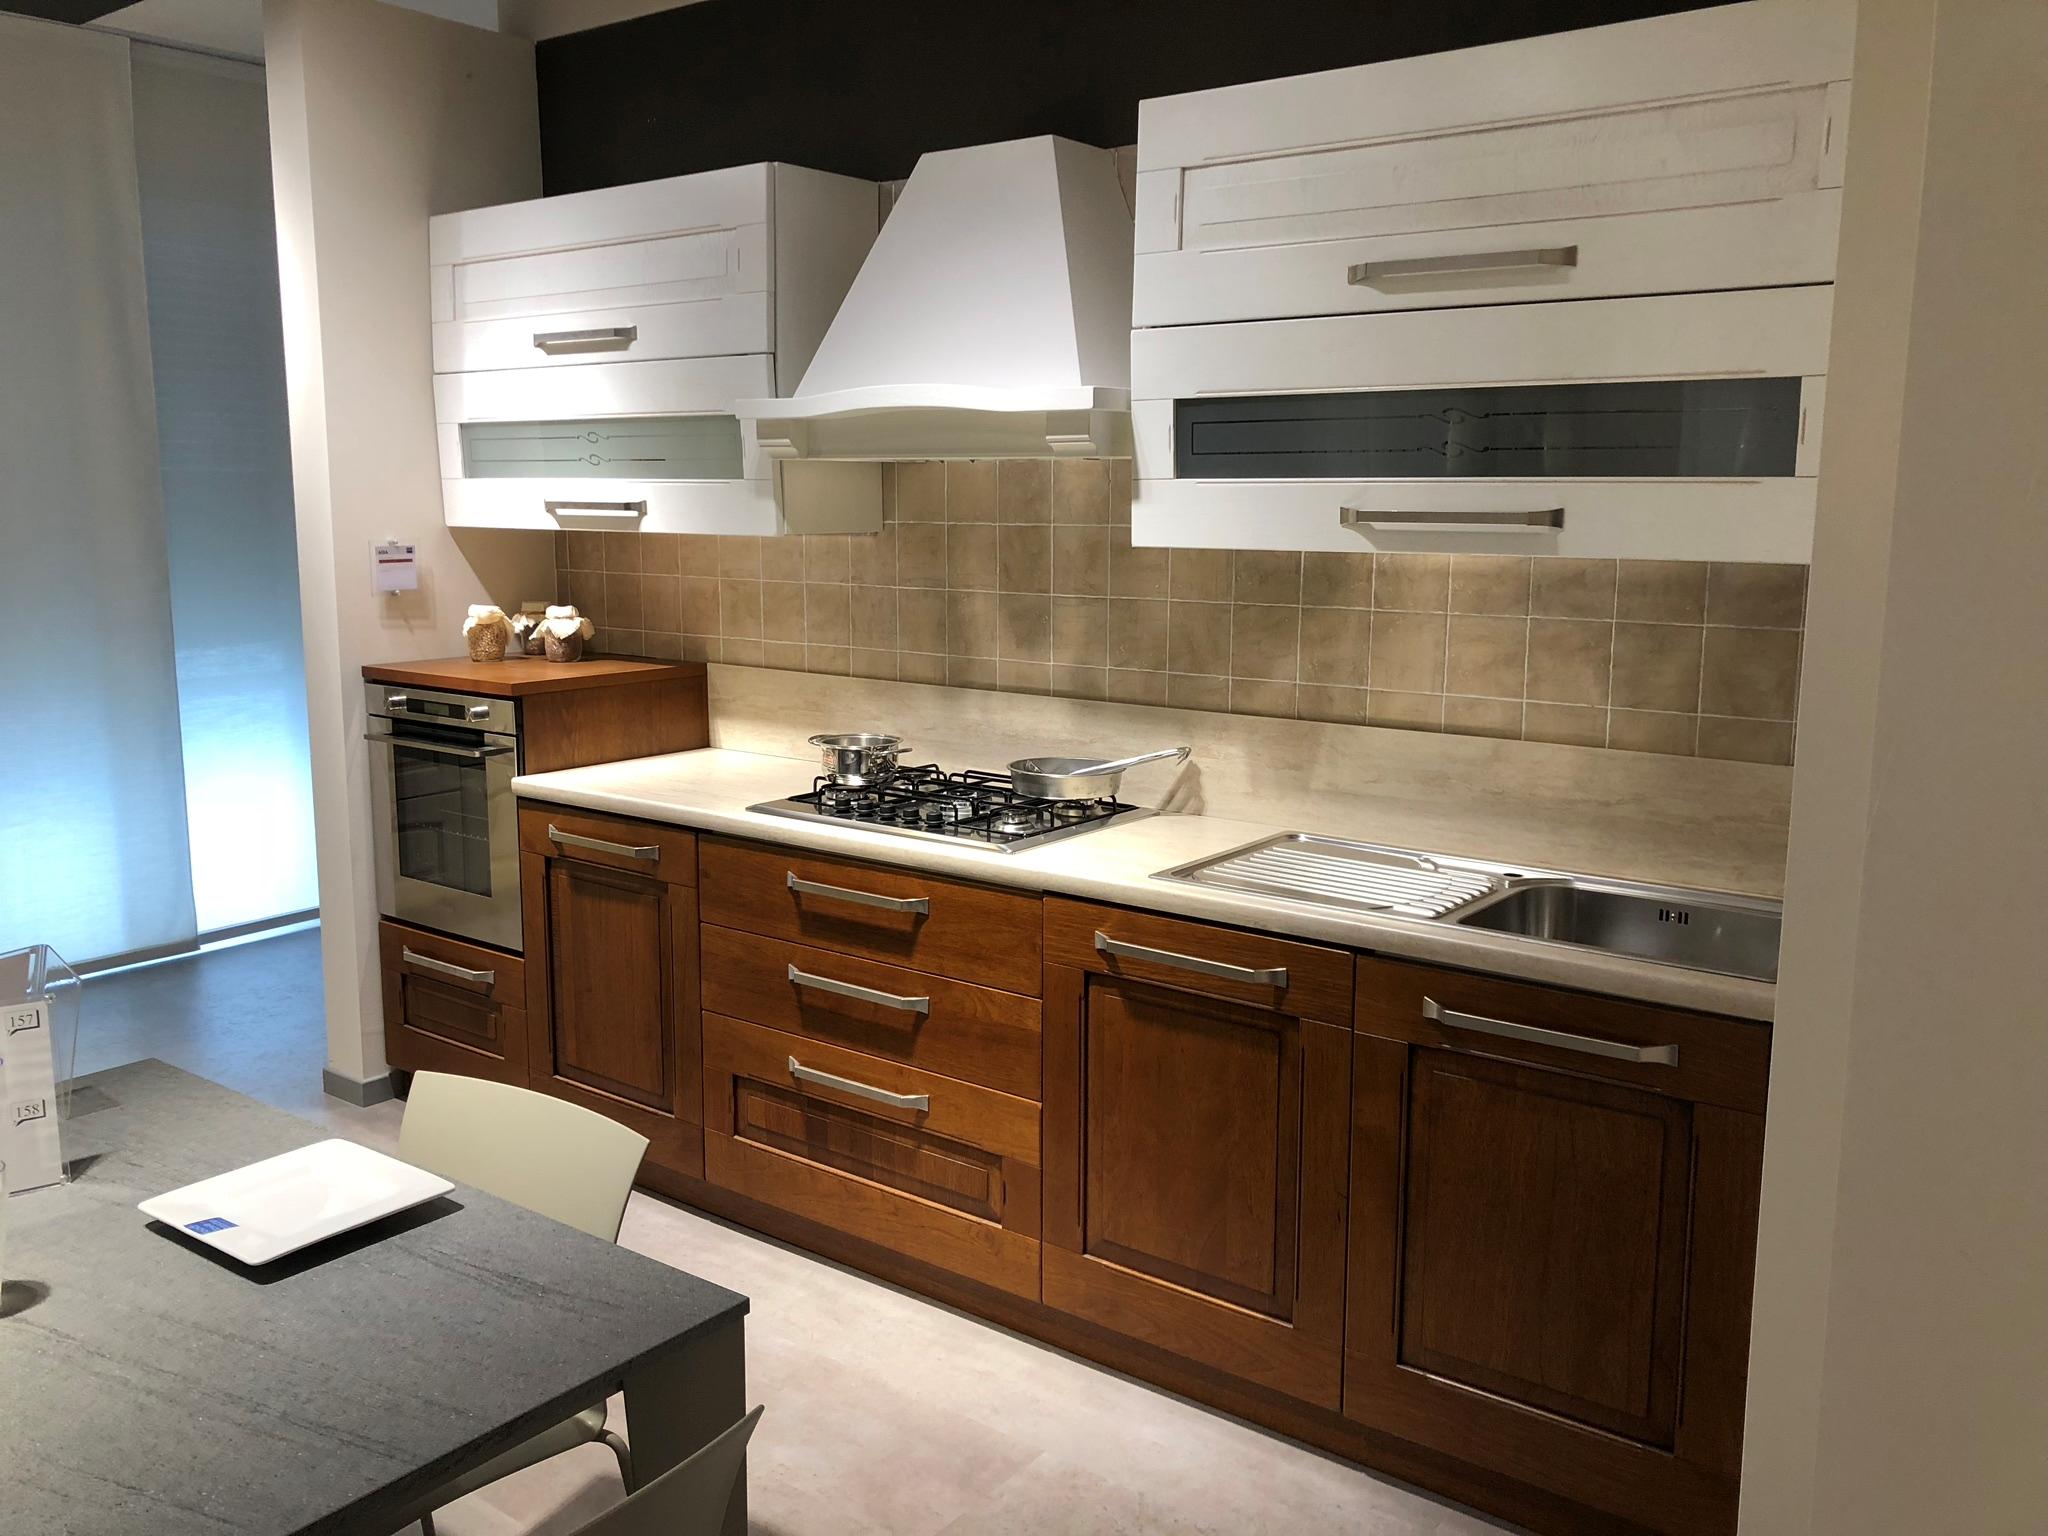 cucina lineare aida di stosa cucine in offerta outlet